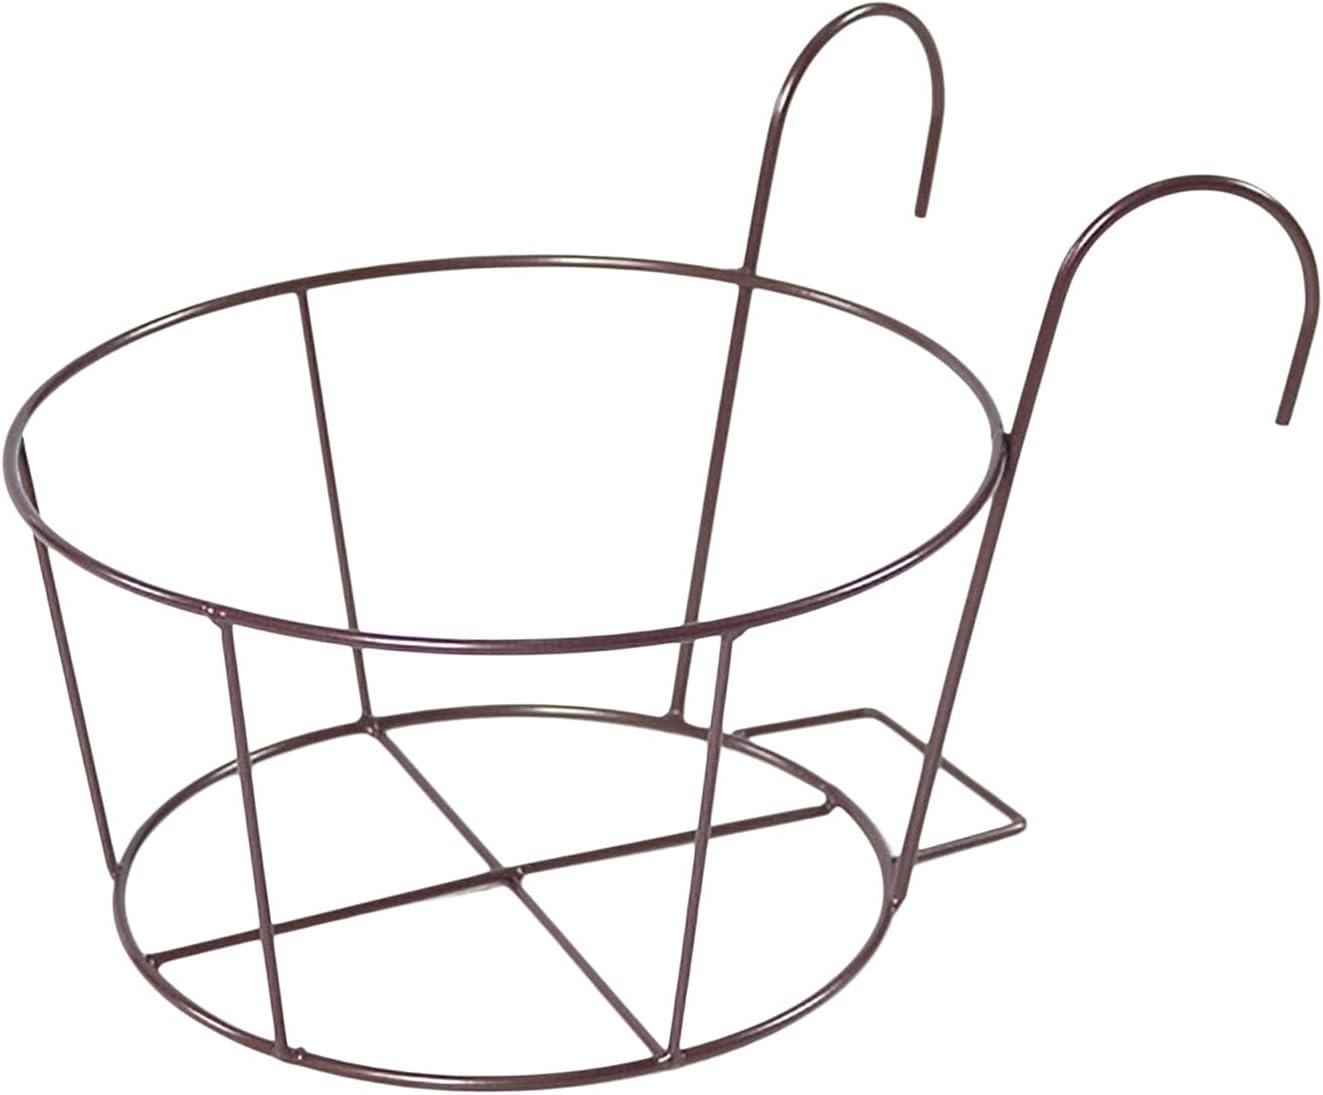 Fukasse Metal Hanging Railing Genuine Iron Art Baskets Planters New Shipping Free